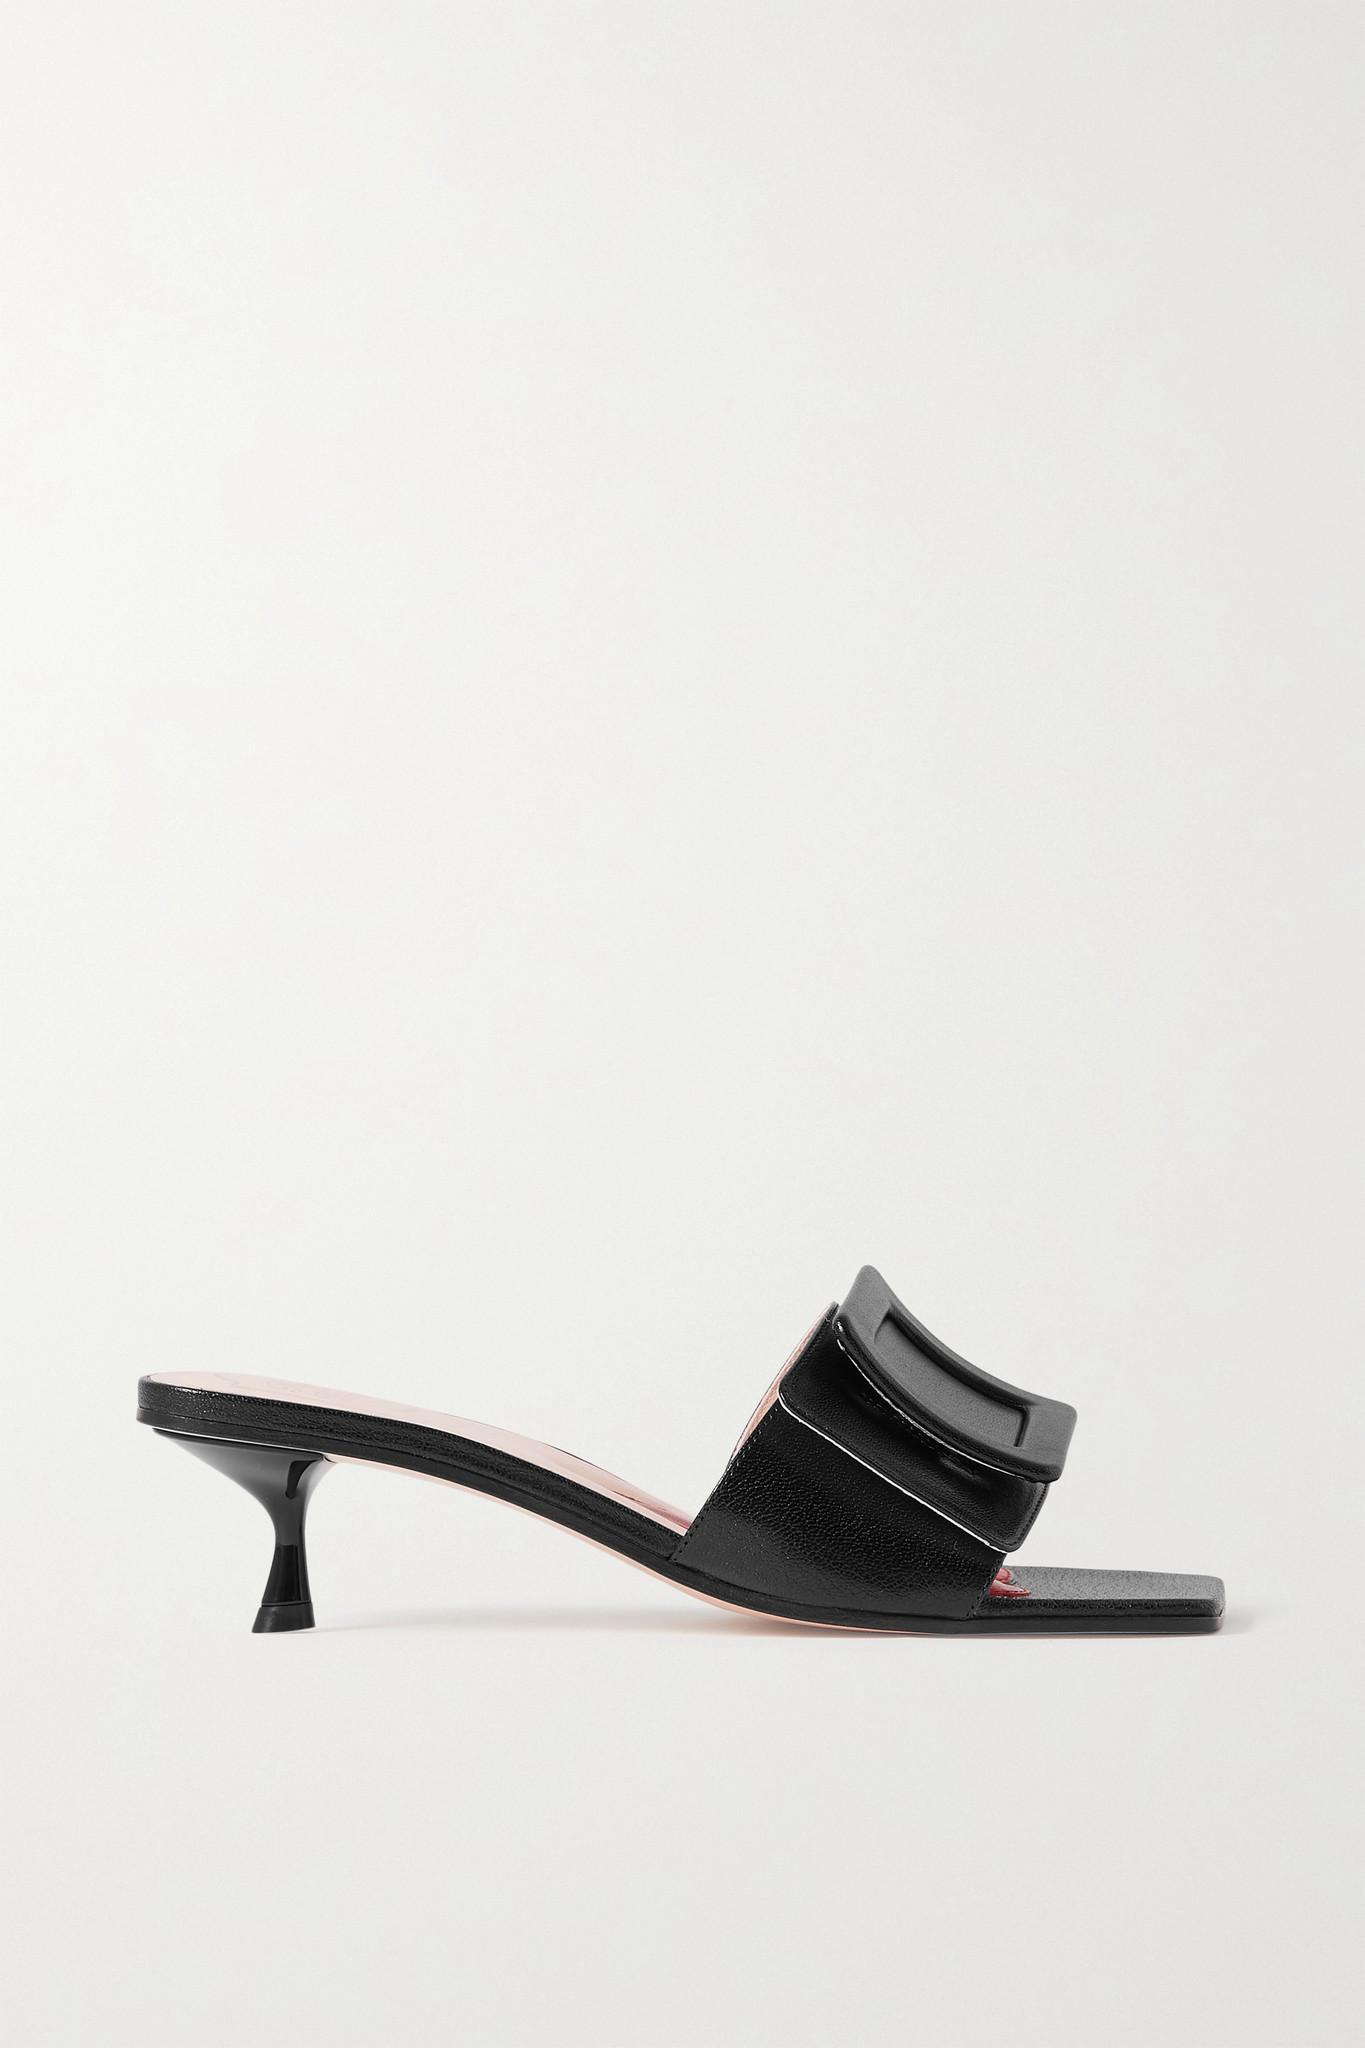 ROGER VIVIER - 搭扣细节亮面皮革穆勒鞋 - 黑色 - IT42